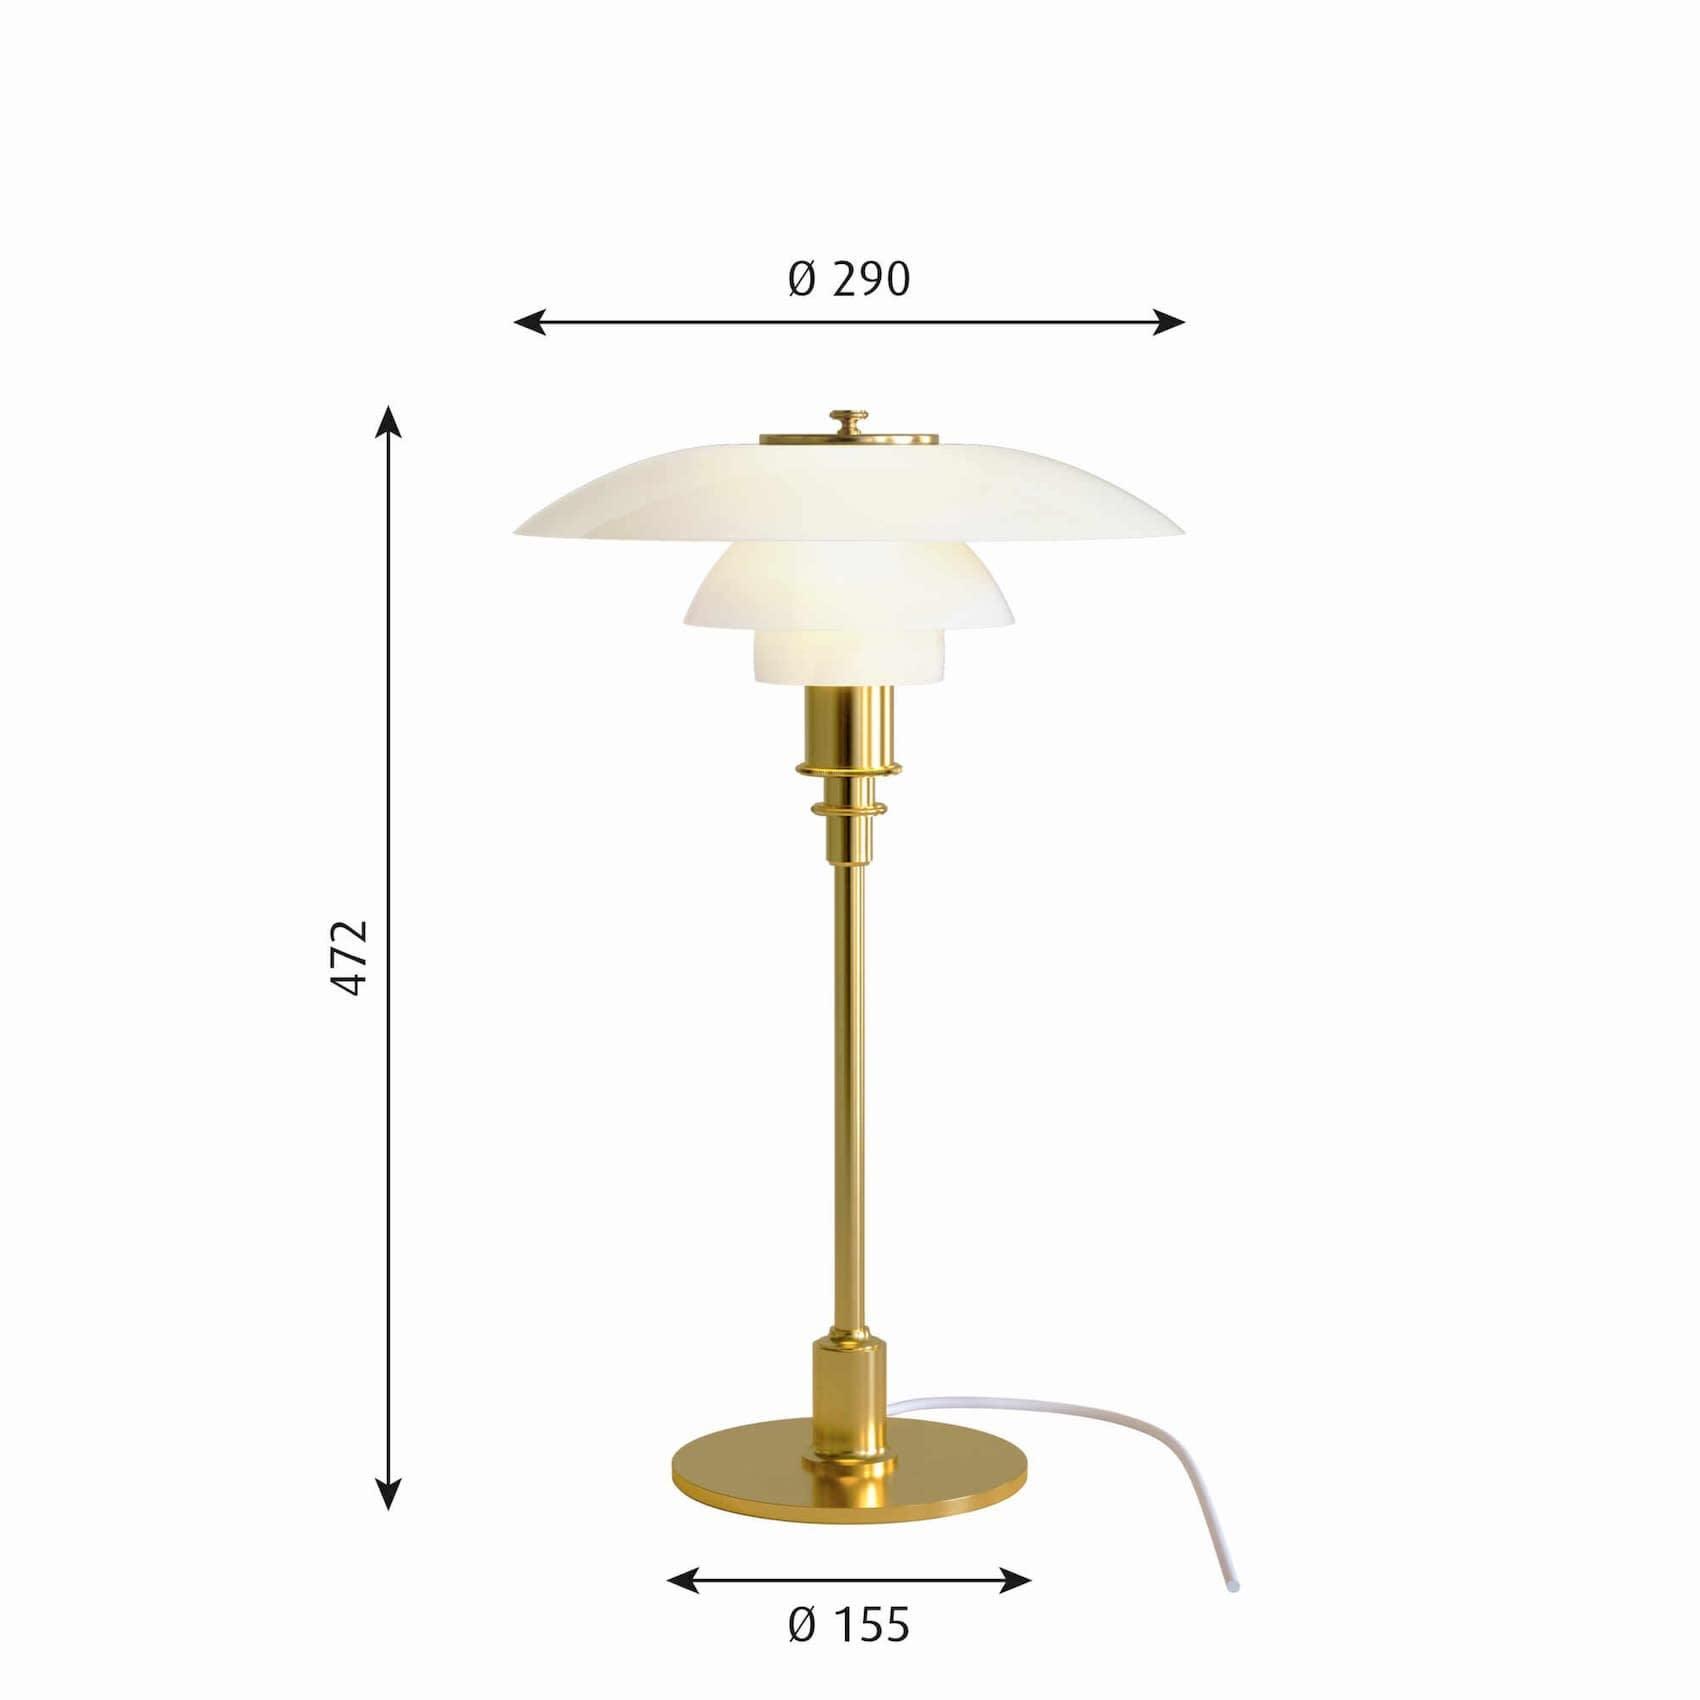 louis-poulsen-ph-3-2-table-lamp-dimensions